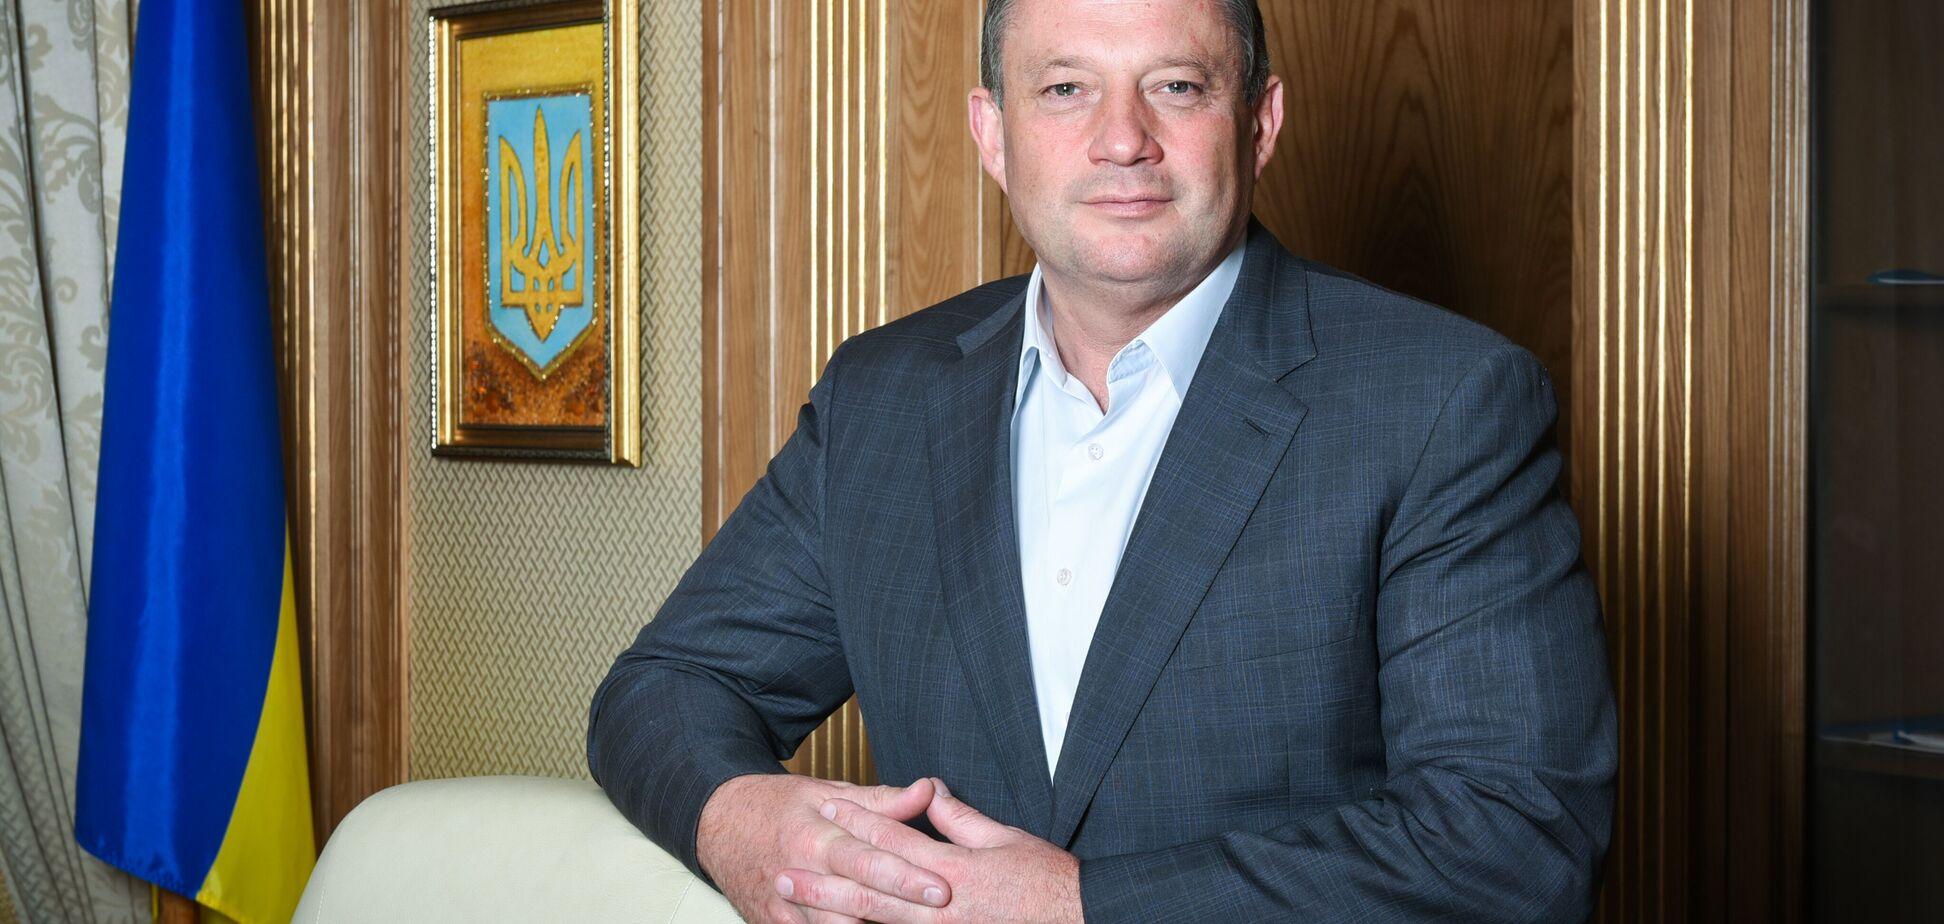 Ярослав Дубневич: Пришло время закона новых дорог, который 'включает' концессию